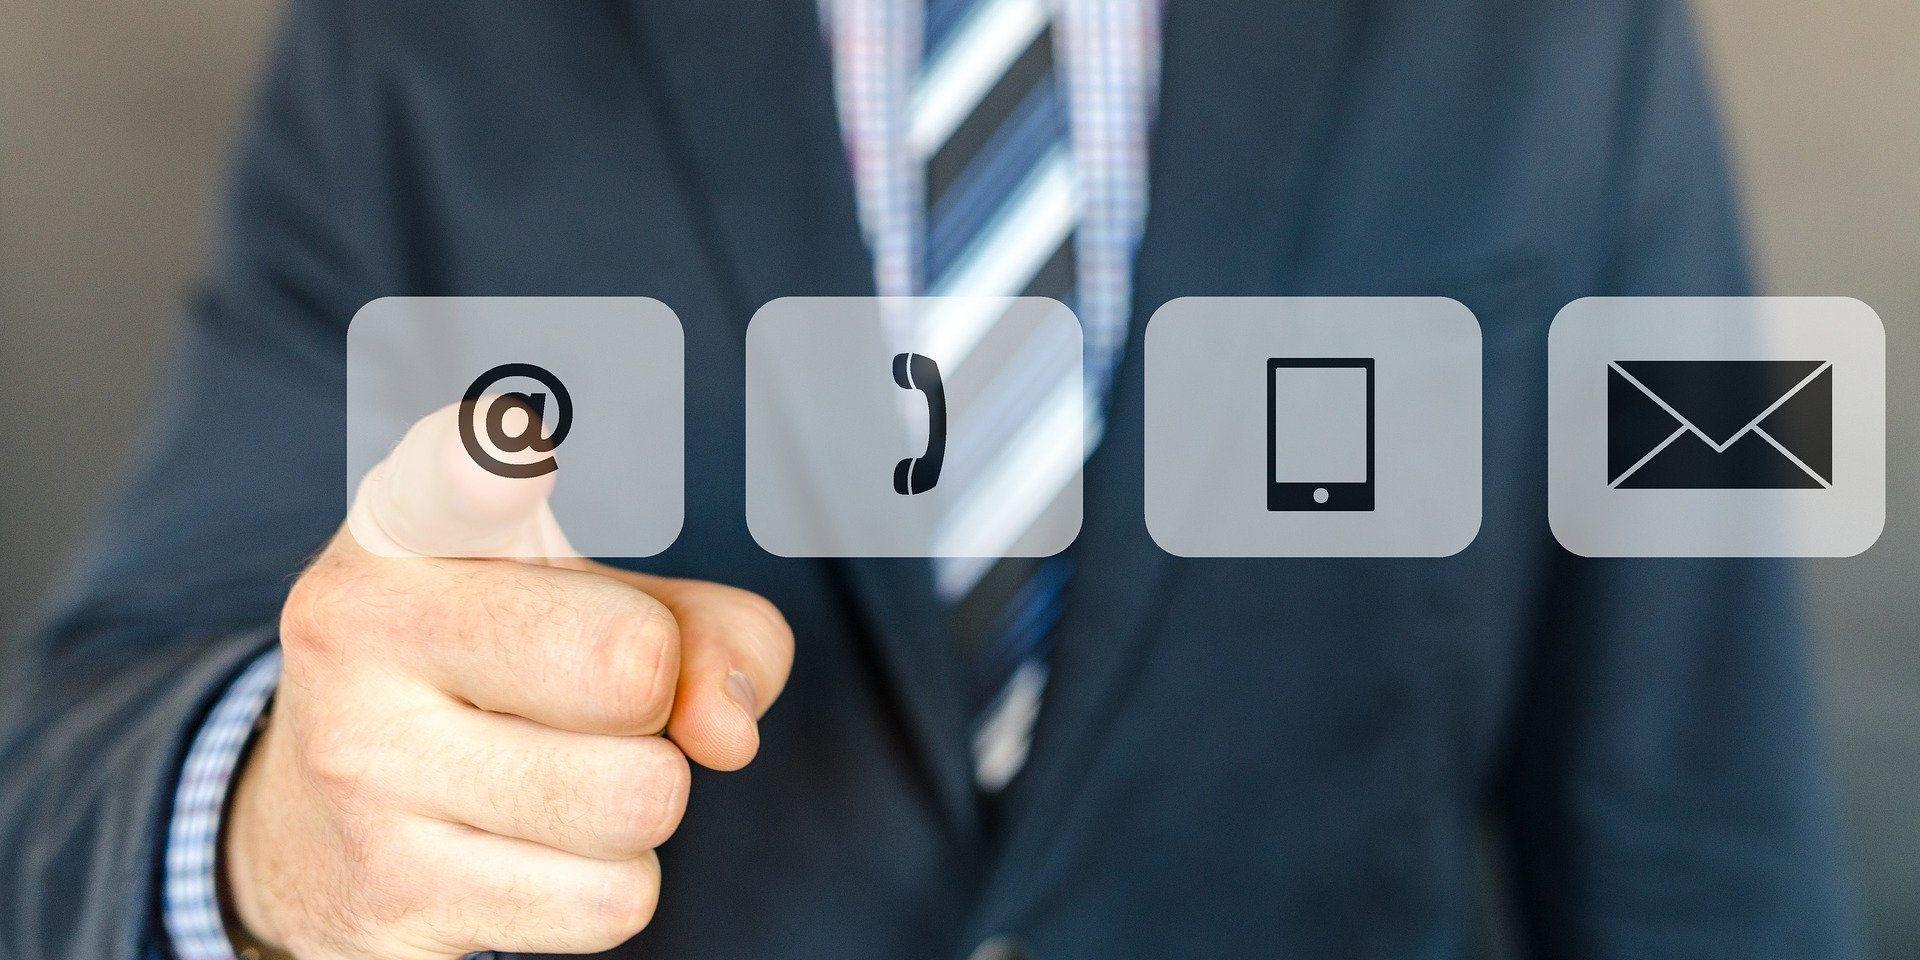 """Auf dem Bild sind die Icons """"@"""", """"Telefonhörer"""", """"Smartphone"""" und """"Briefumschlag"""" zu sehen."""